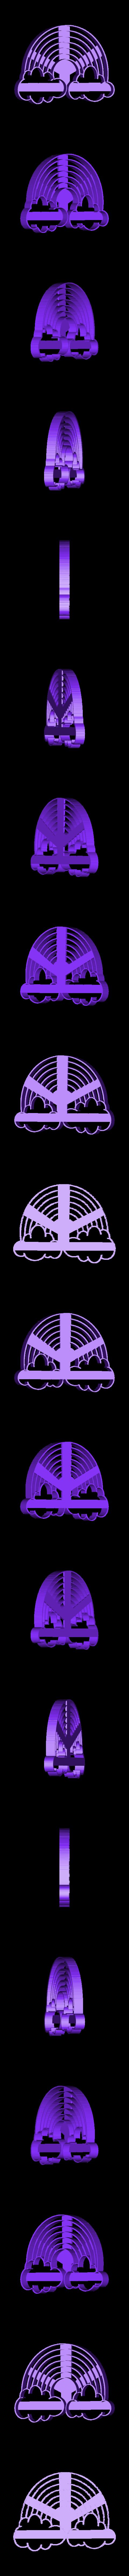 arcoiris con nubes.stl Télécharger fichier STL gratuit coupe-biscuit arc-en-ciel pour nuage de nuages de nuages • Plan imprimable en 3D, Geralp